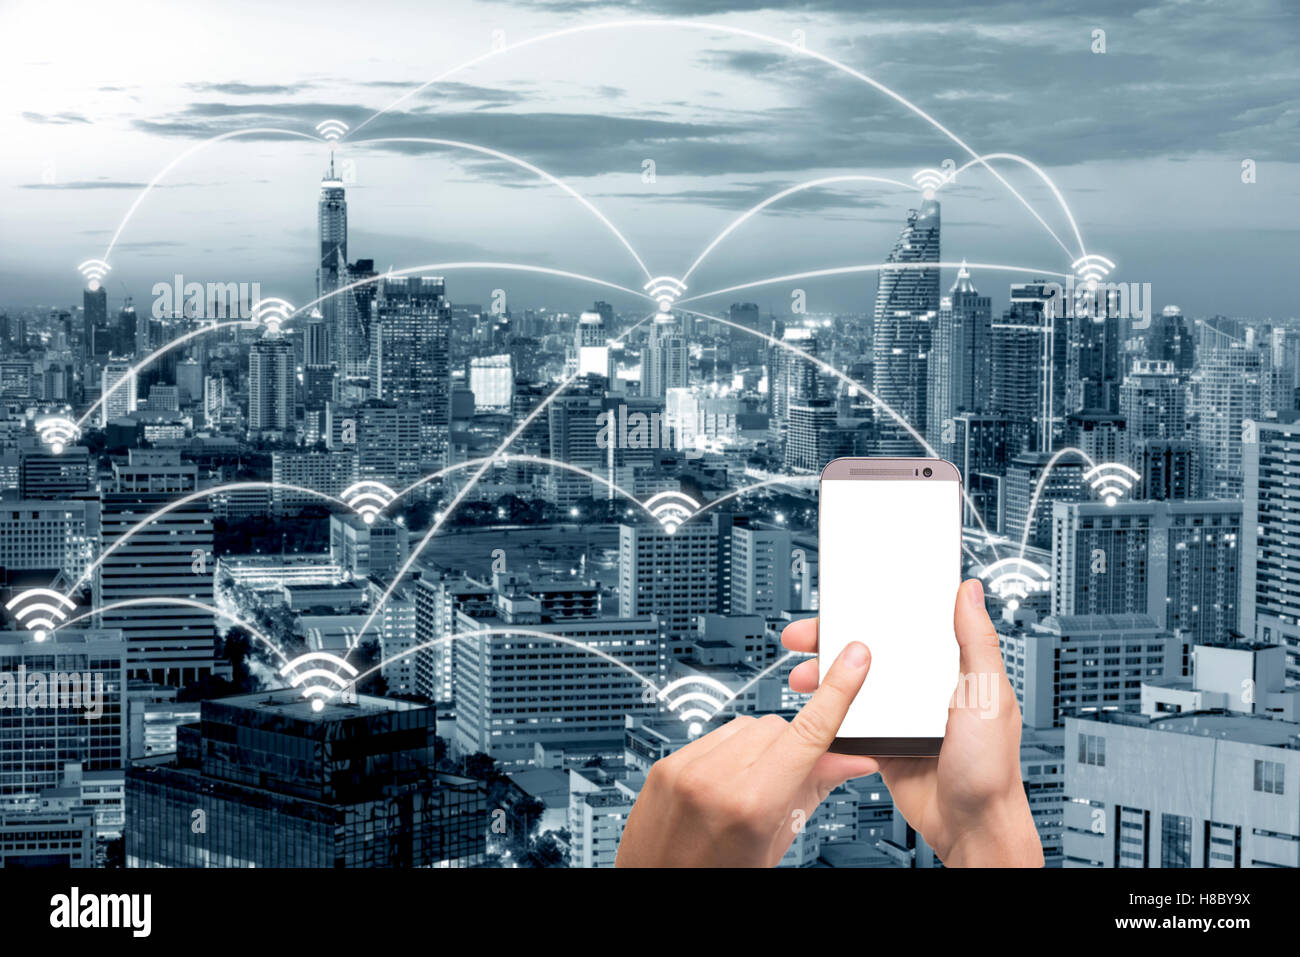 WiFi-Symbol und Bangkok Stadt mit Netzwerk-Verbindung-Konzept, intelligente Stadt Shanghai und drahtlose Kommunikationsnetz, Stockbild